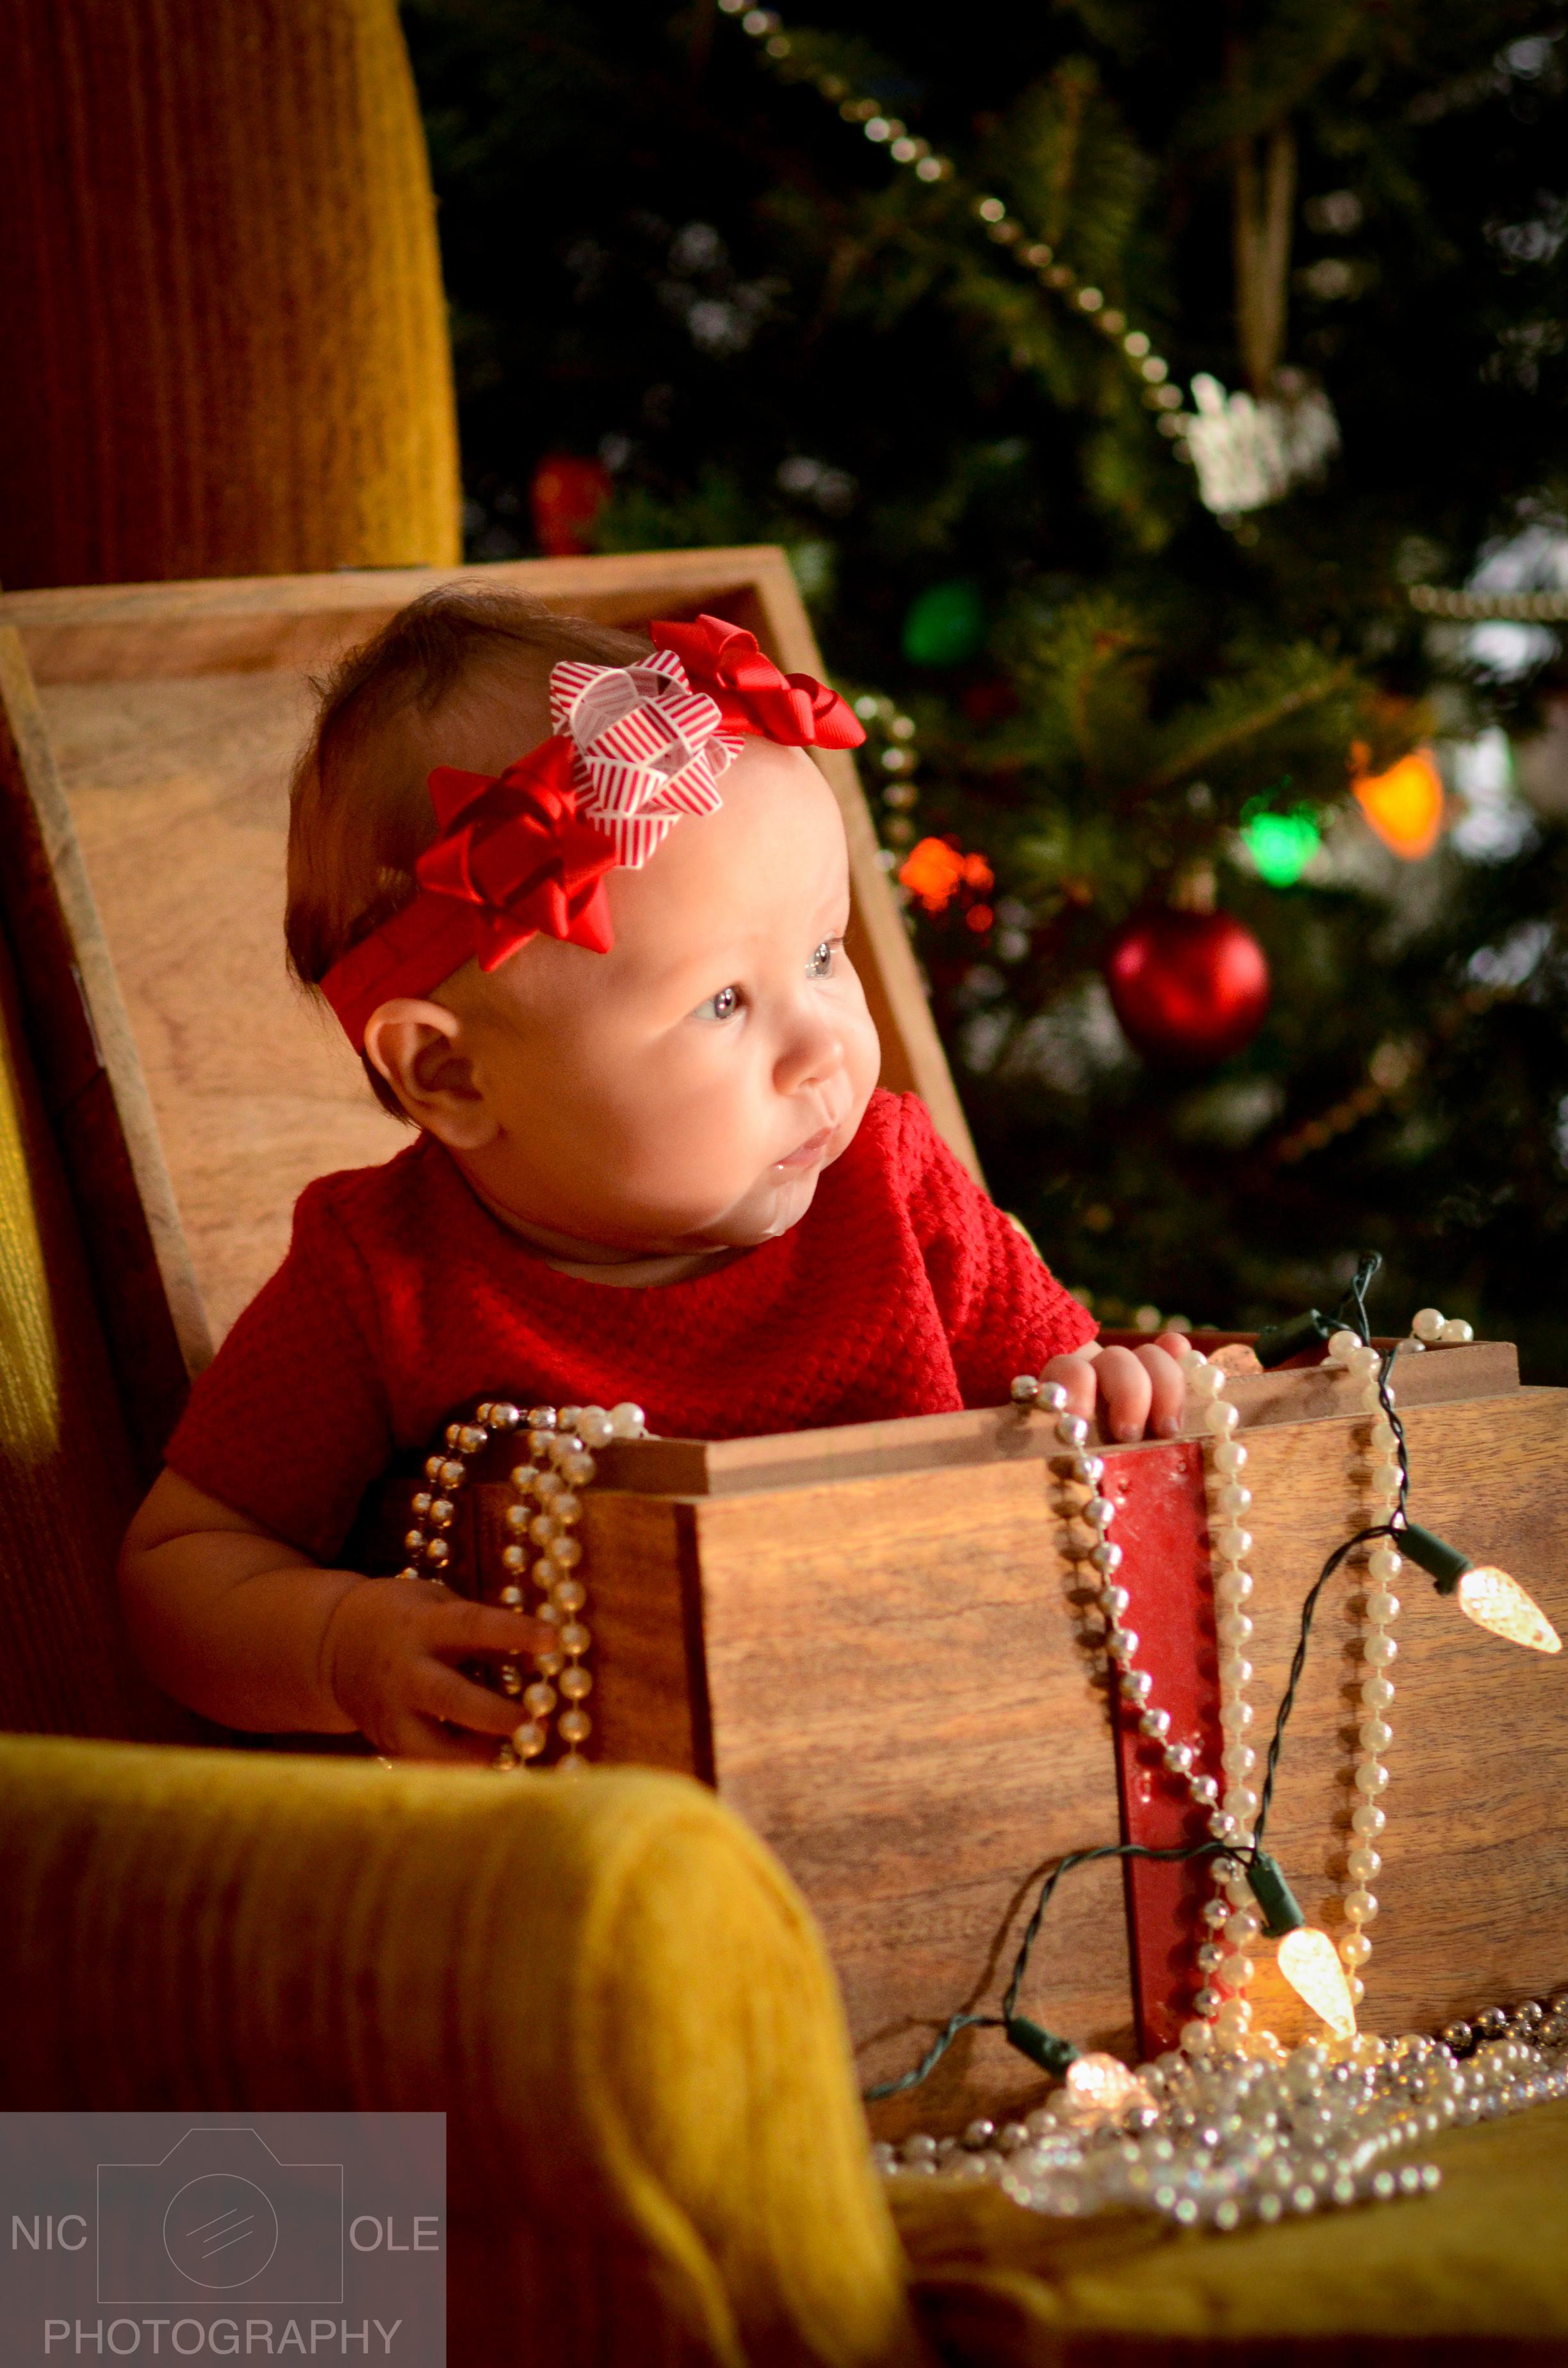 O&Z Christmas Photos- Nic.Ole Photography-3.jpg